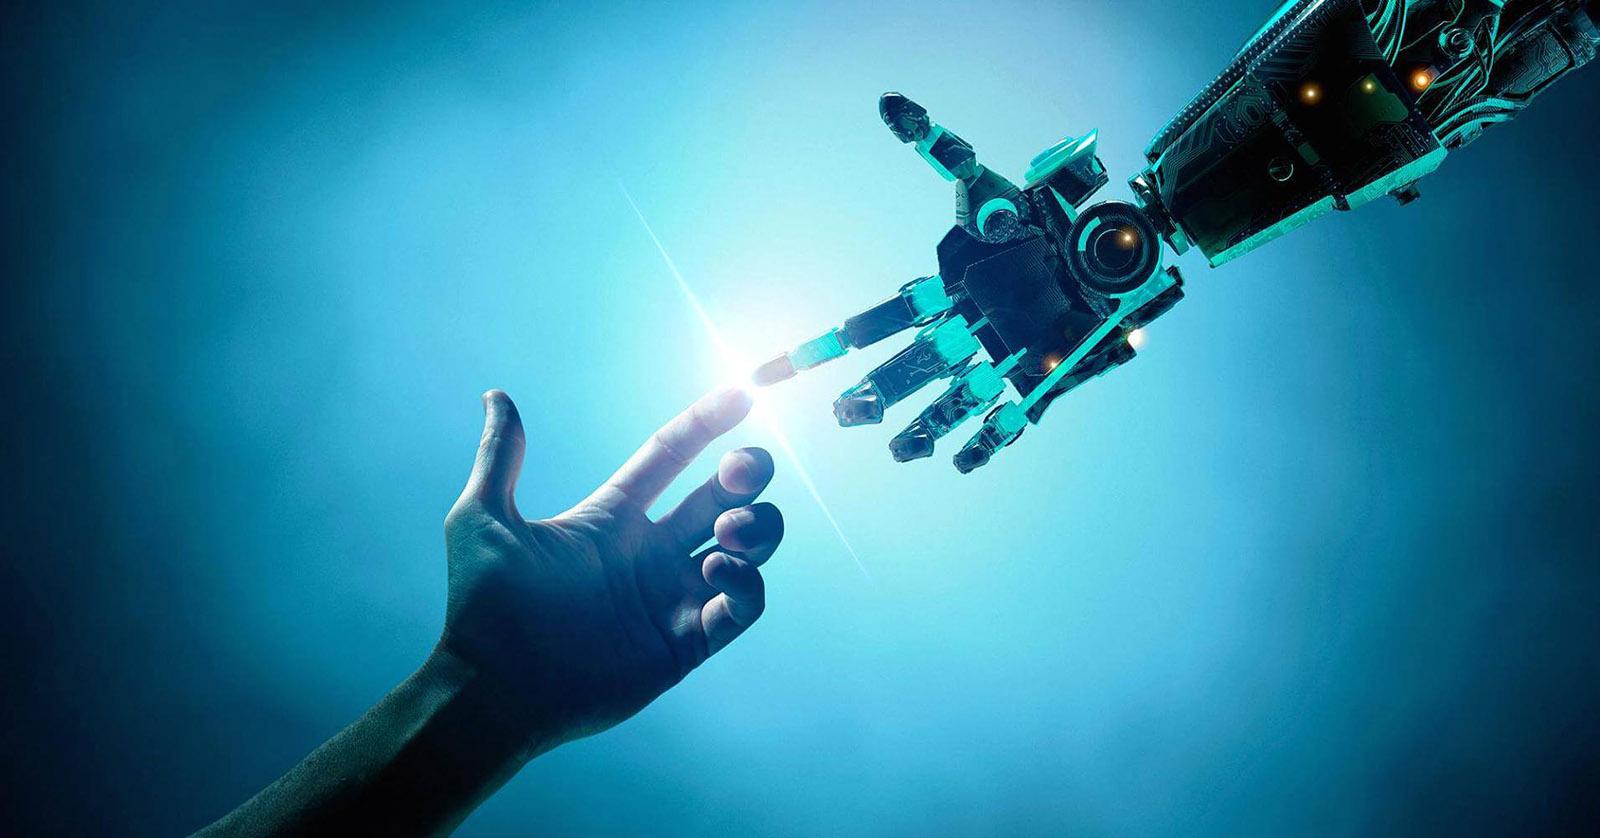 Вебинар: Технологизация бизнеса. Как оцифровать компанию, сохранив уникальность